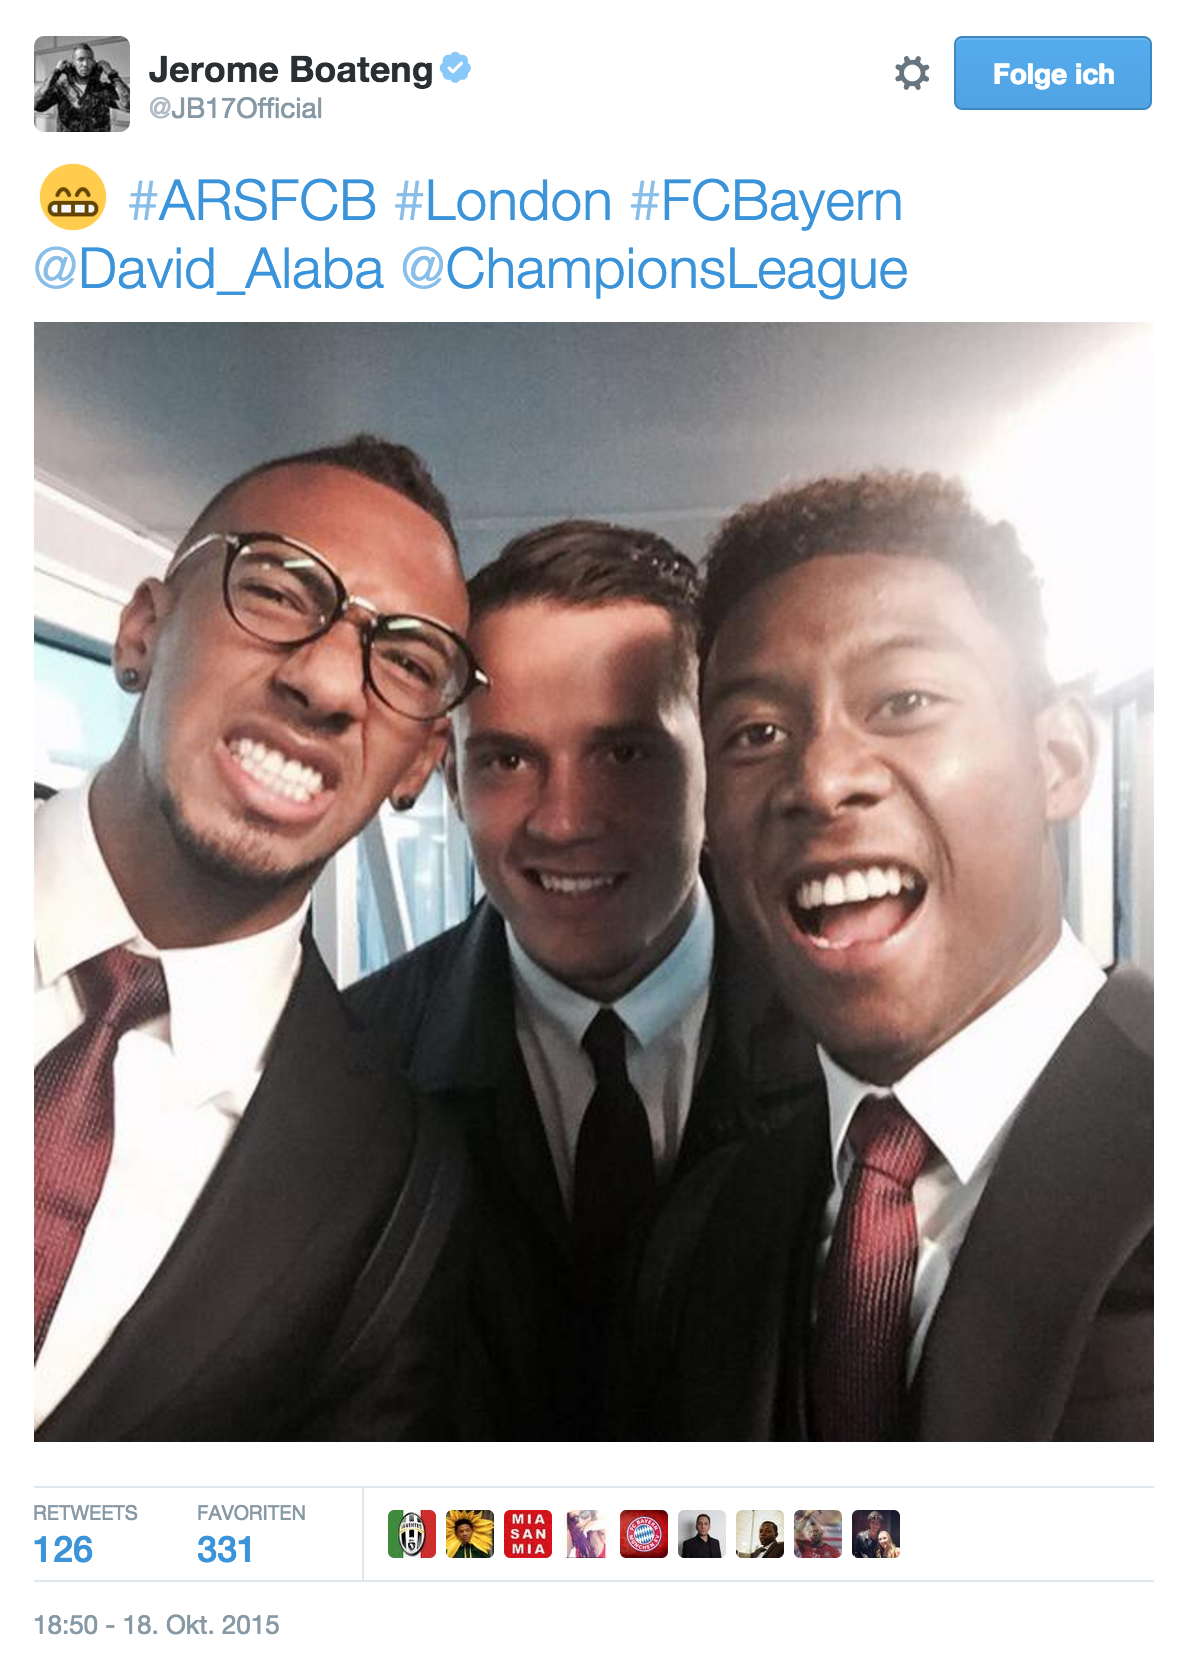 Jerome Boateng Selfie